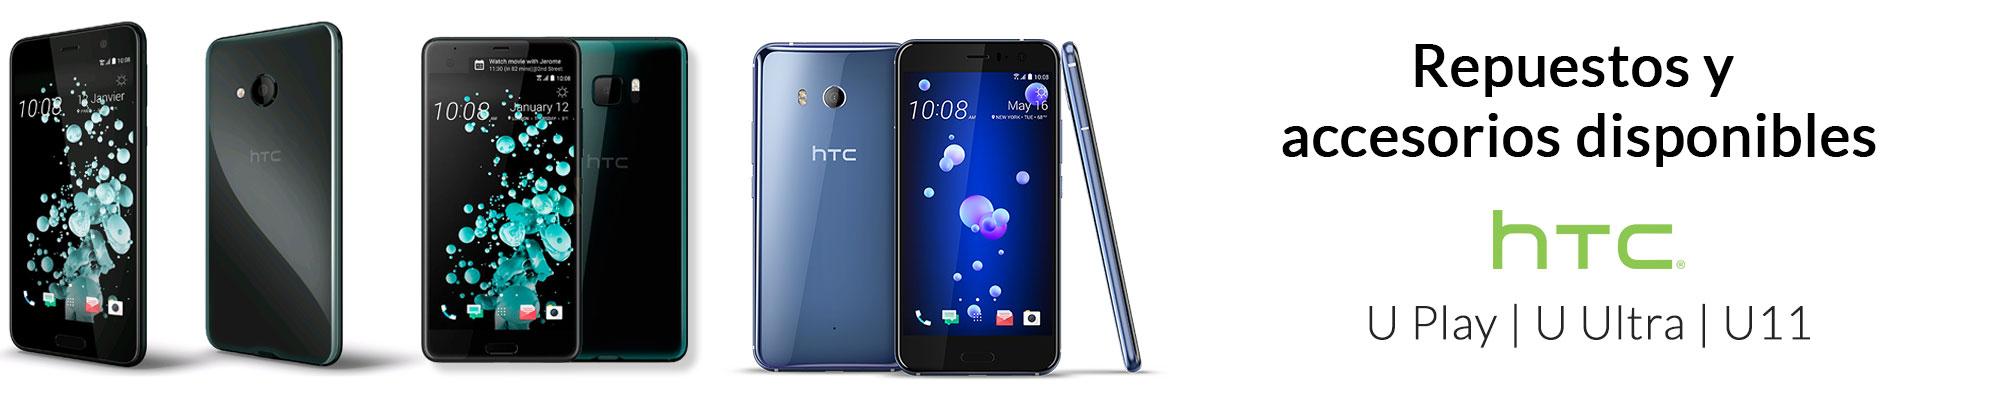 Nuevo Repuestos y accessorios para HTC U Play, U Ultra y U11 disponibles